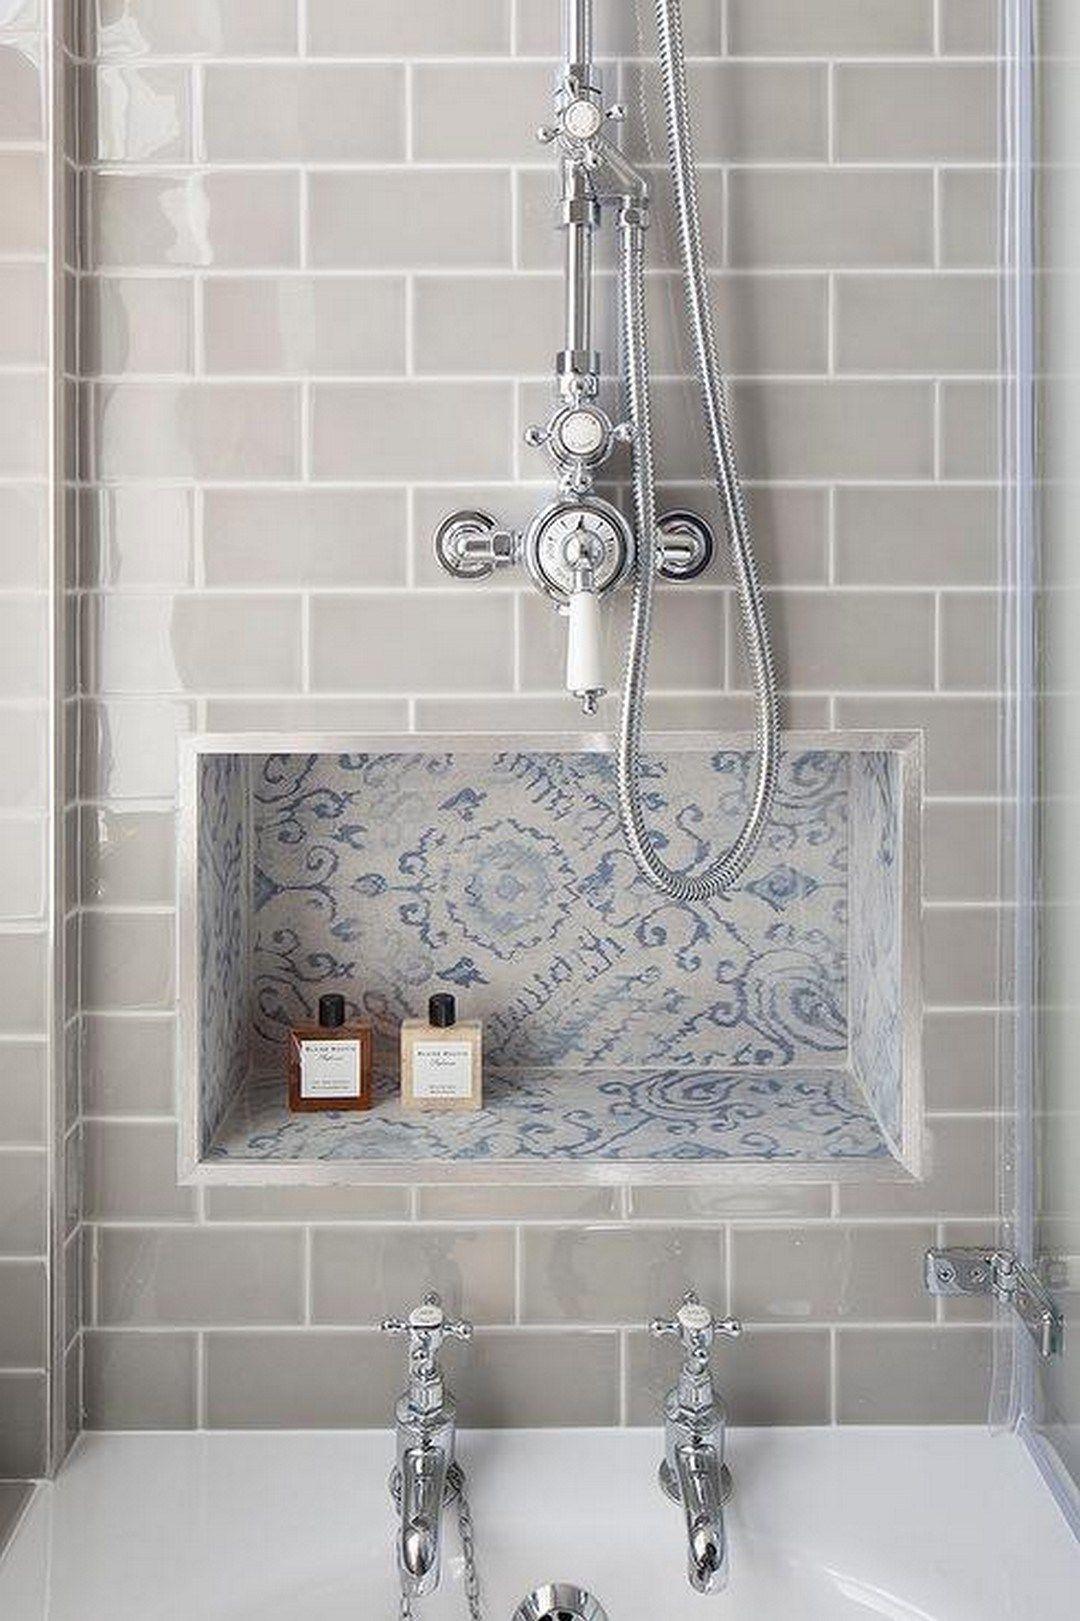 99 New Trends Bathroom Tile Design Inspiration 2017 29: 99 New Trends Bathroom Tile Design Inspiration 2017 (12